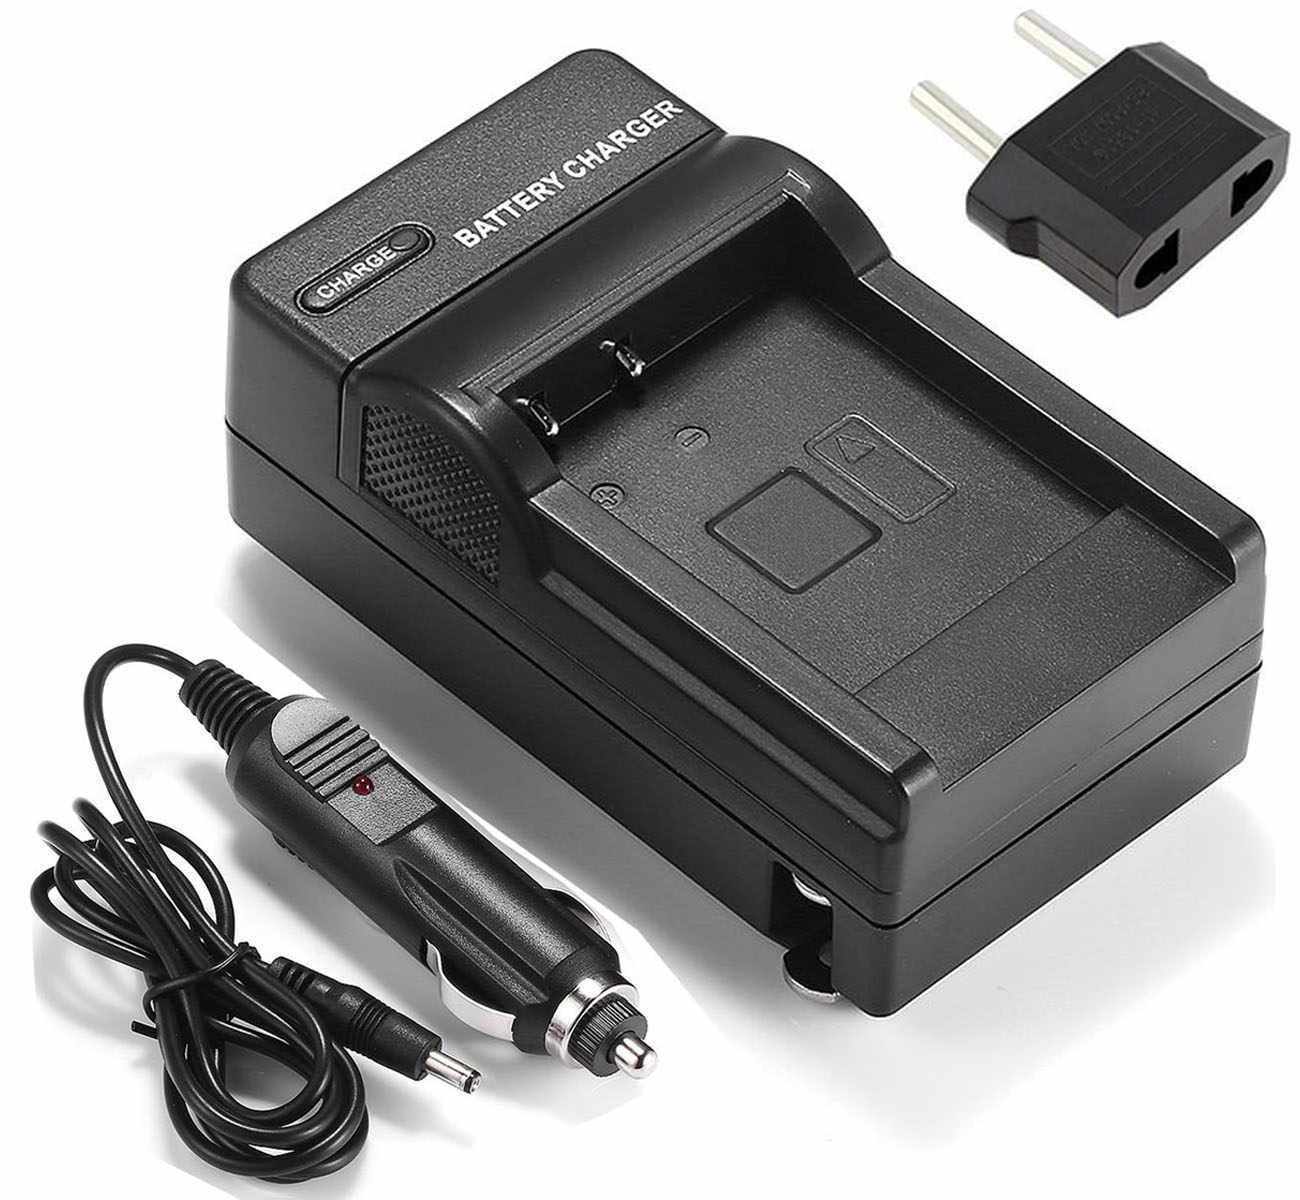 VP-D655i Digital Camcorder Battery VP-D655 VP-D653 VP-D653i and Charger for Samsung VP-D651 2-Pack VP-D651i